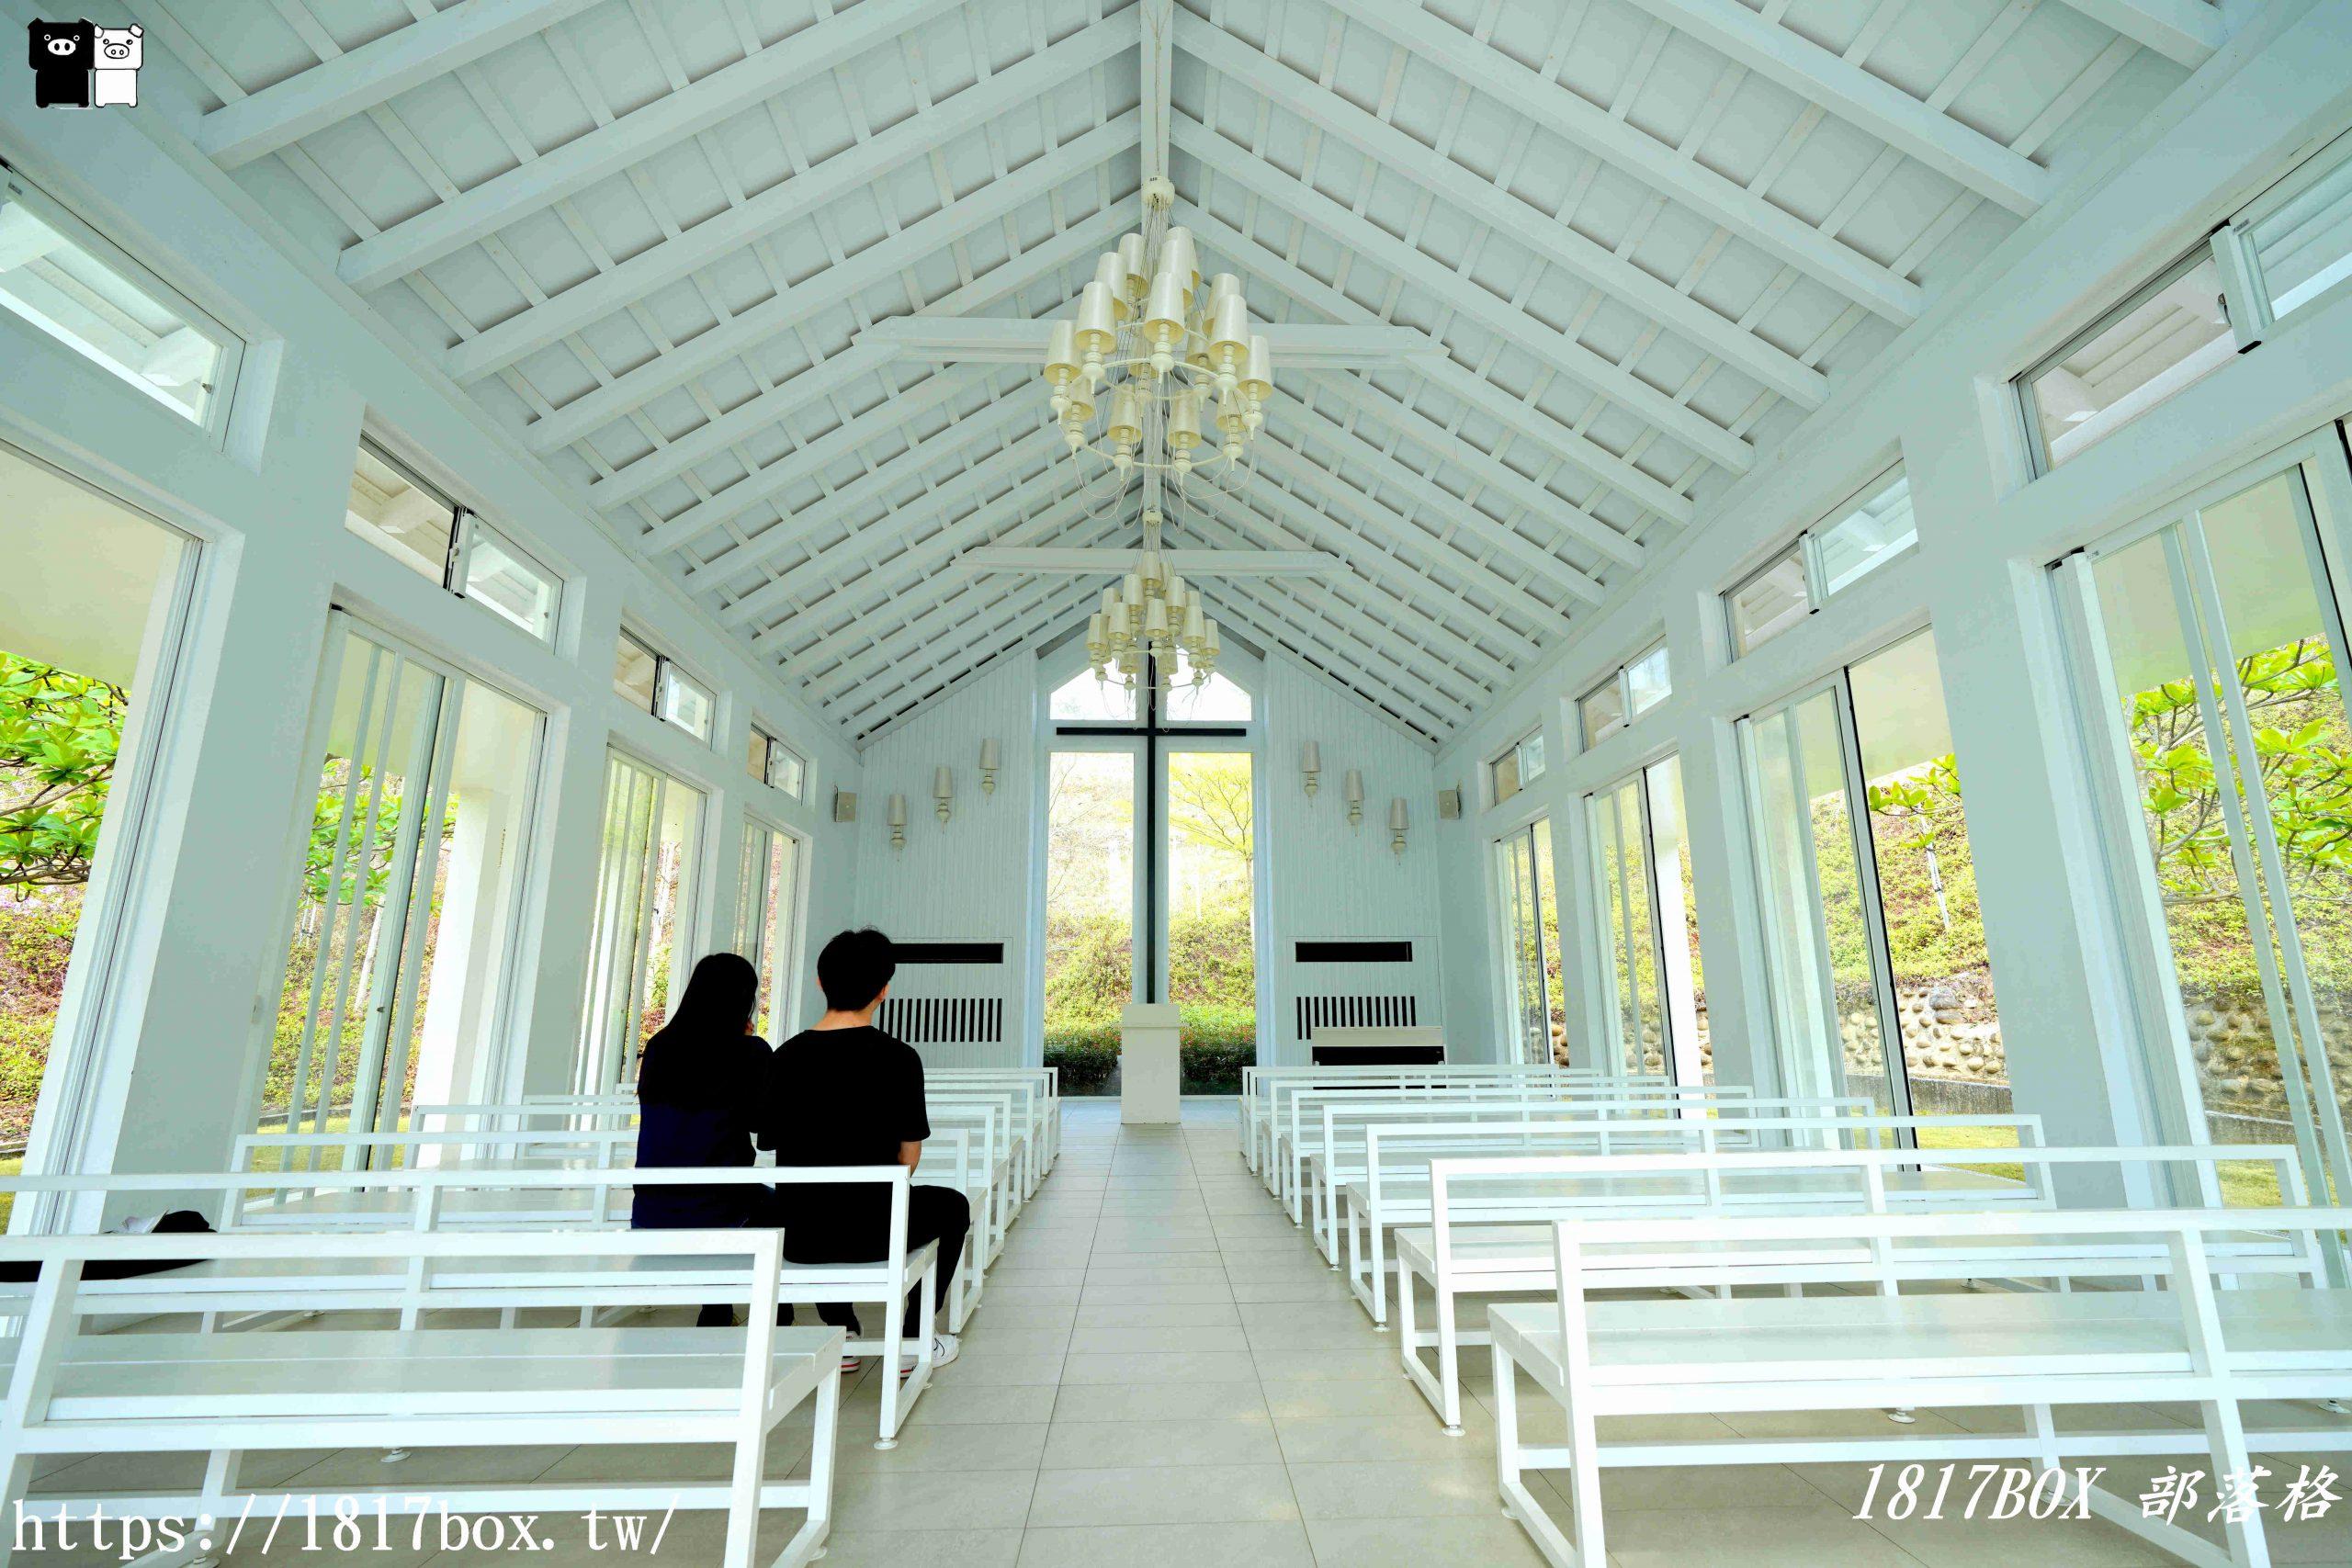 【台南。玉井】隱田山房。白色教堂。隱藏在山中小村落的秘密綠地 @1817BOX部落格